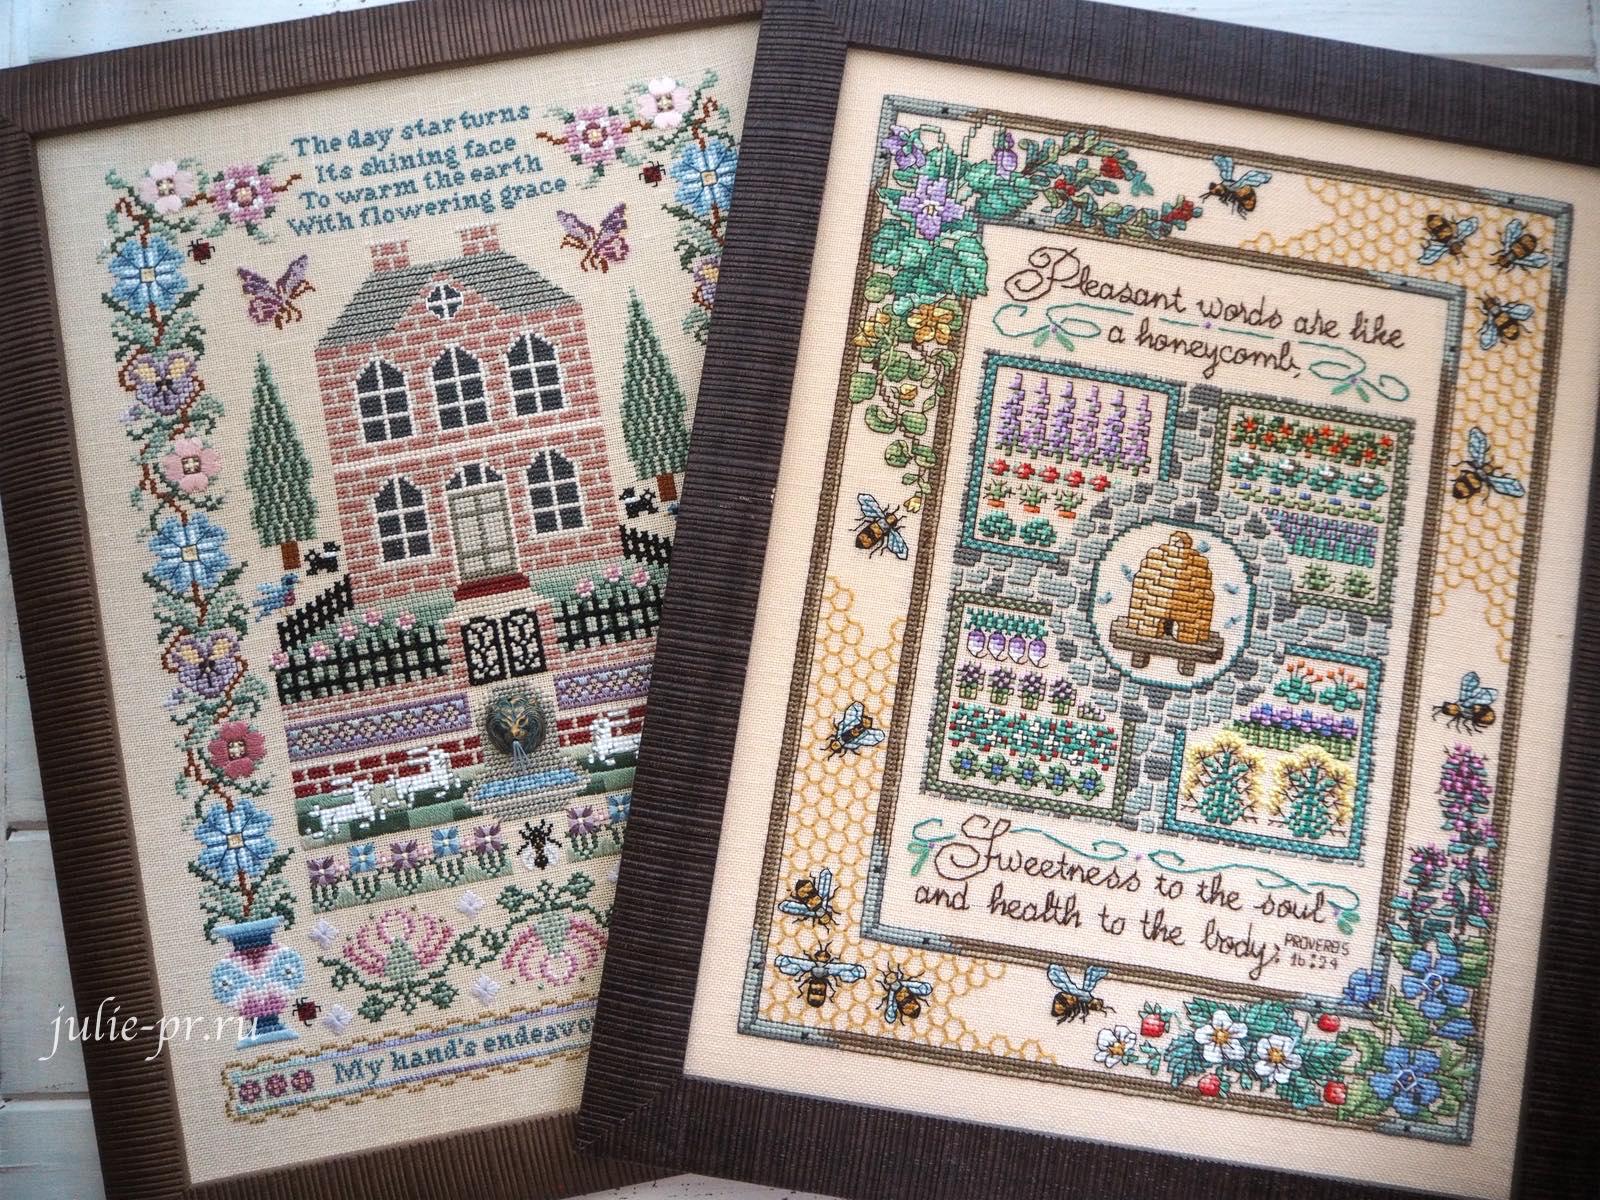 Silkwood Manor - Just Nan, Sandy Orton, Gathering honey, медовый семплер, сбор меда, поместье, вышивка крестом, вышивка шовчиками